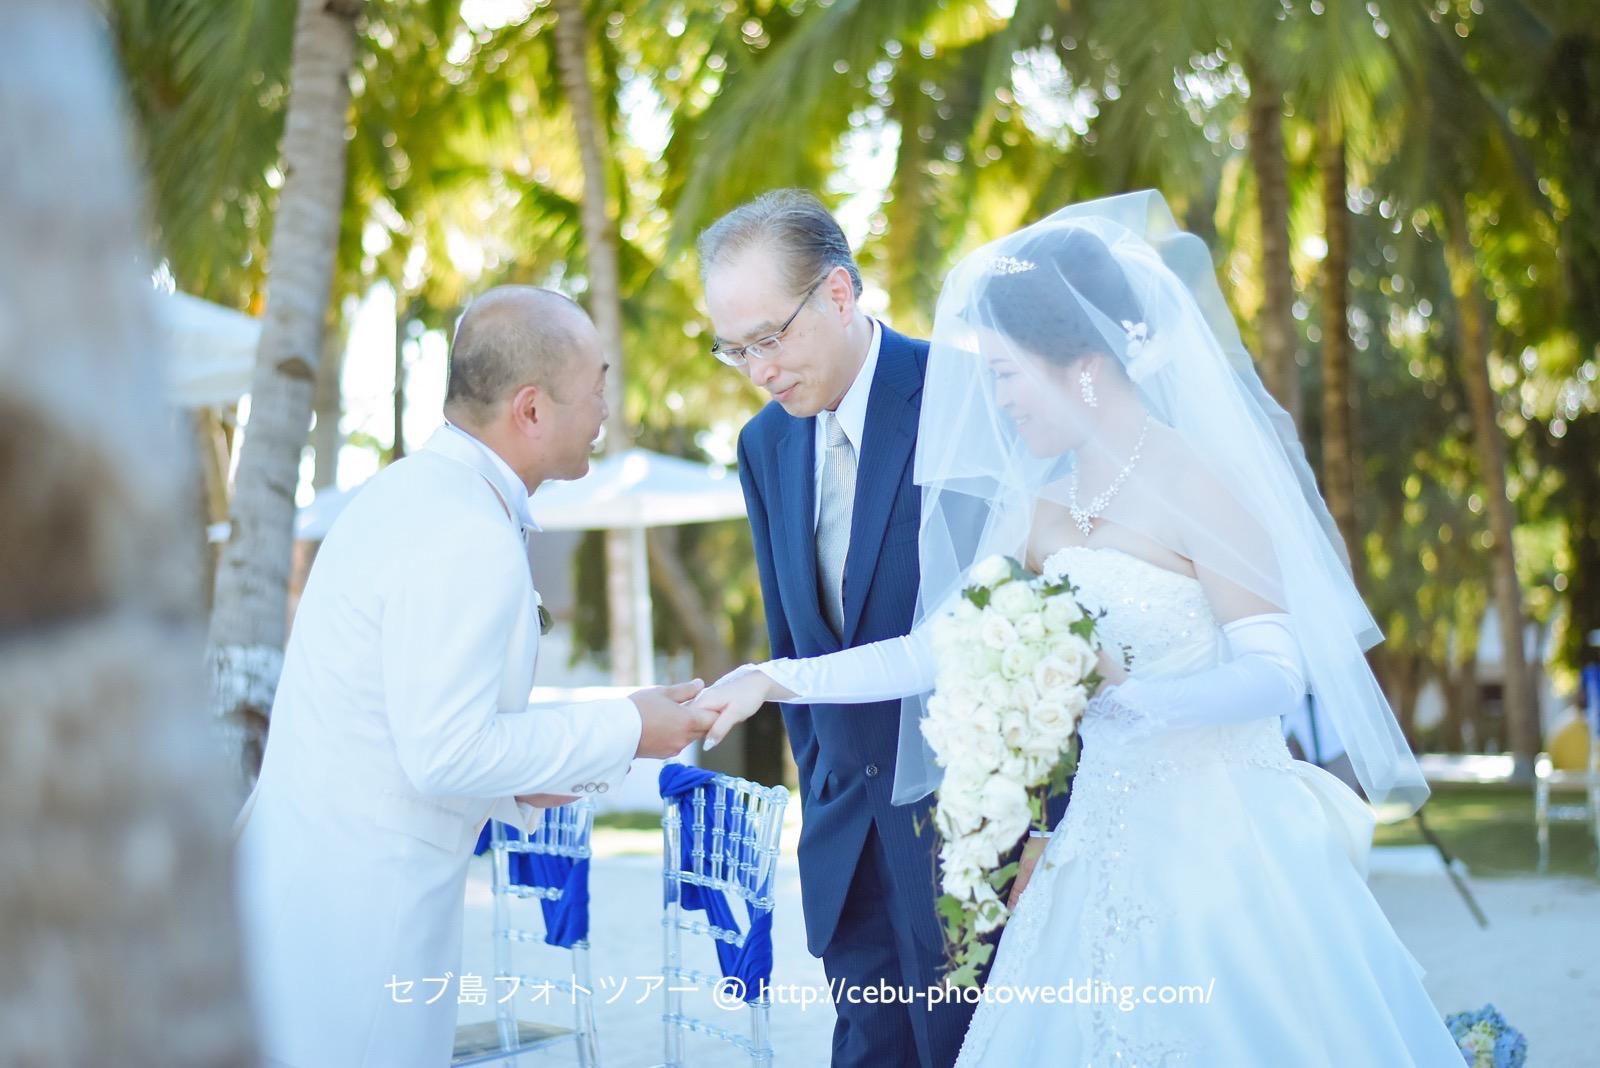 花嫁様の手がお父様から新郎様へ、胸を打つ瞬間